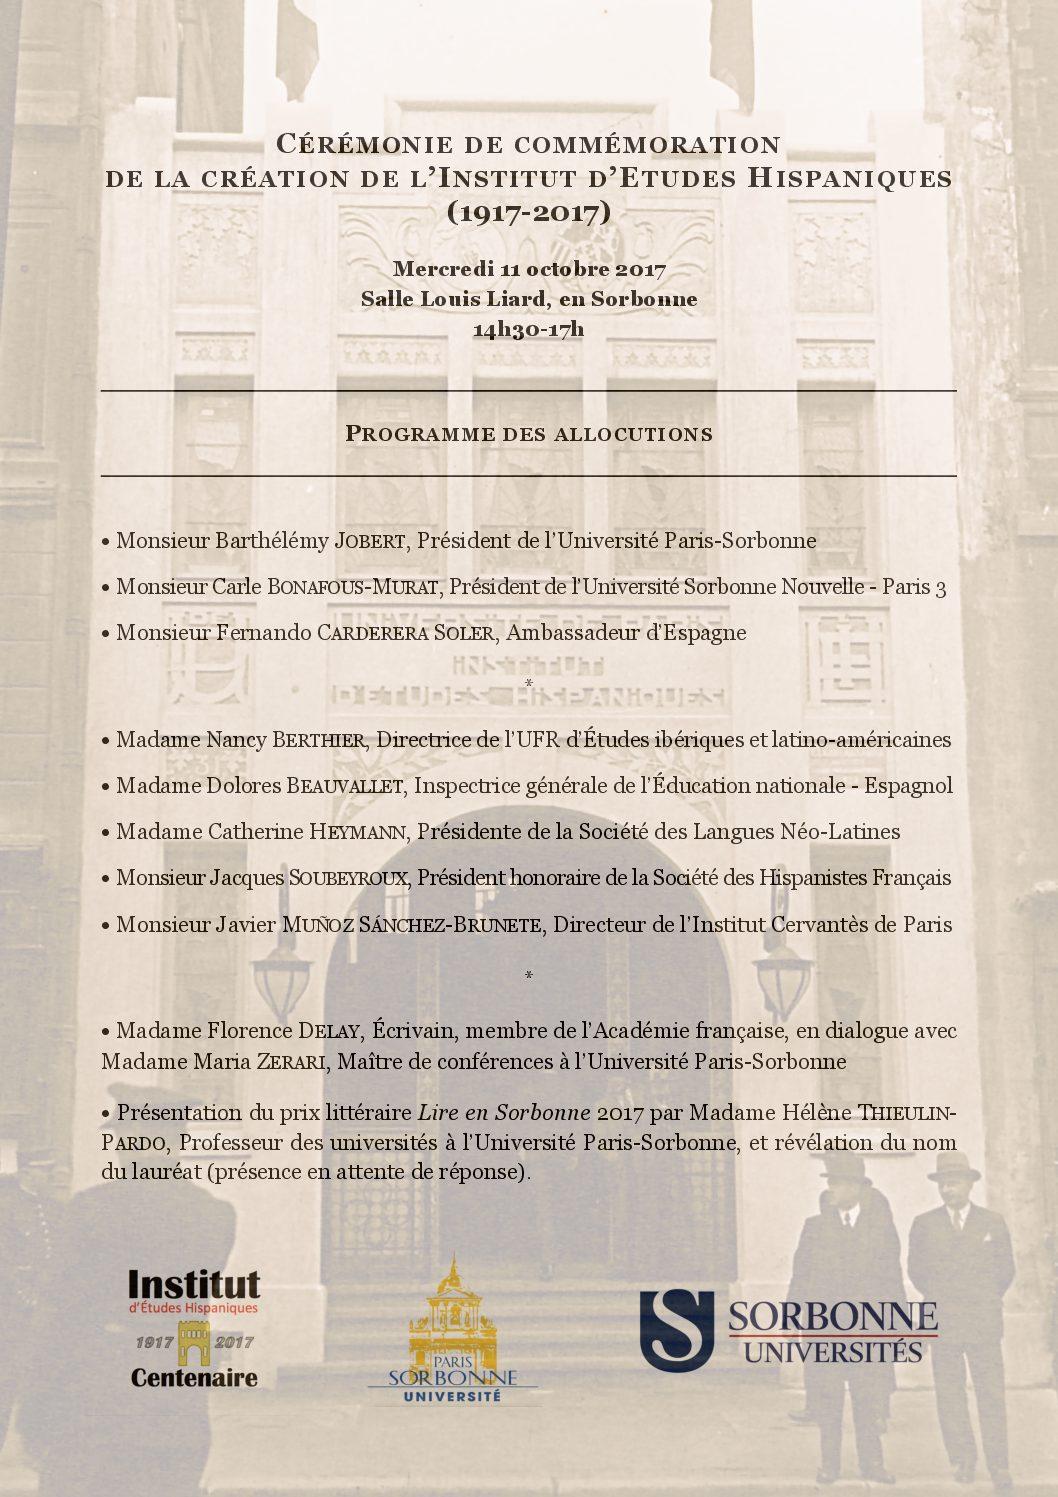 Cérémonie de commémoration de la création de l'Institut d'Études hispaniques